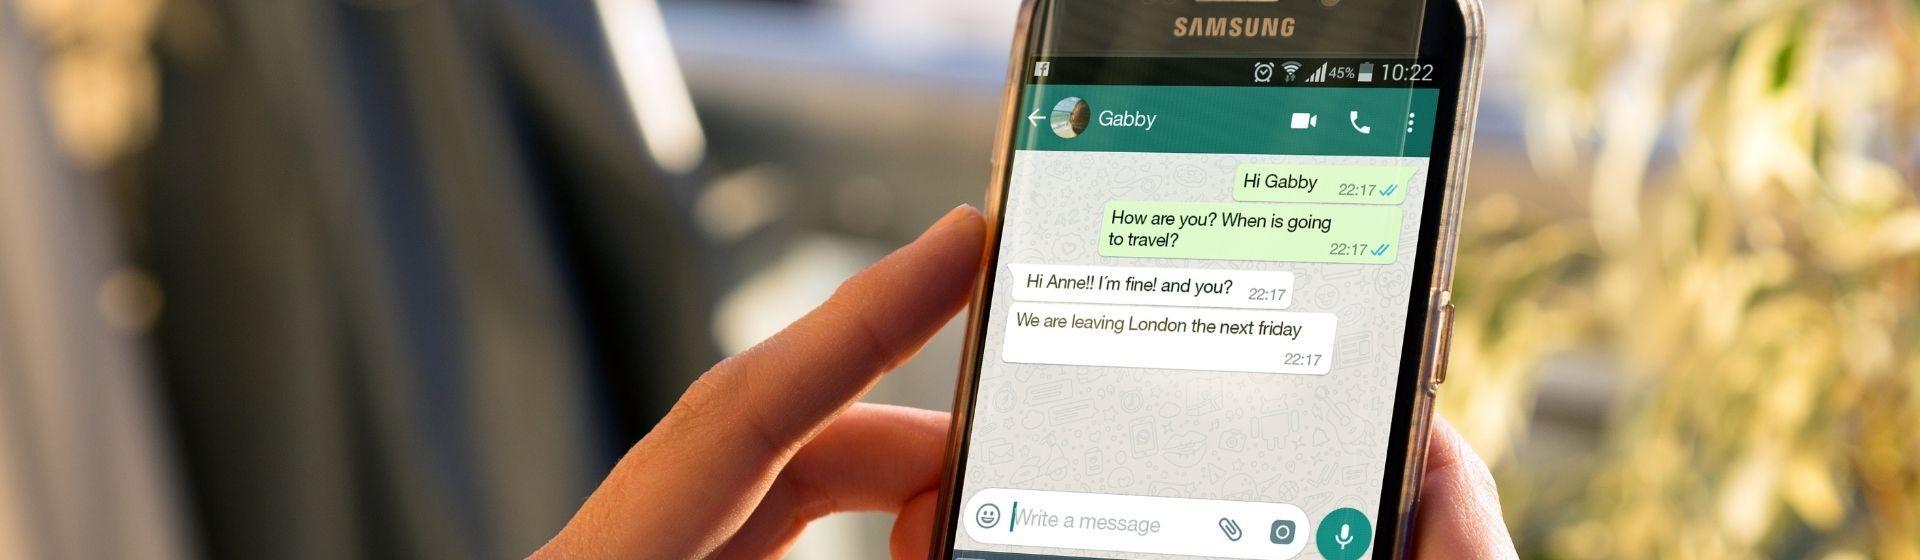 WhatsApp testa recurso para acelerar áudios no iPhone e Android